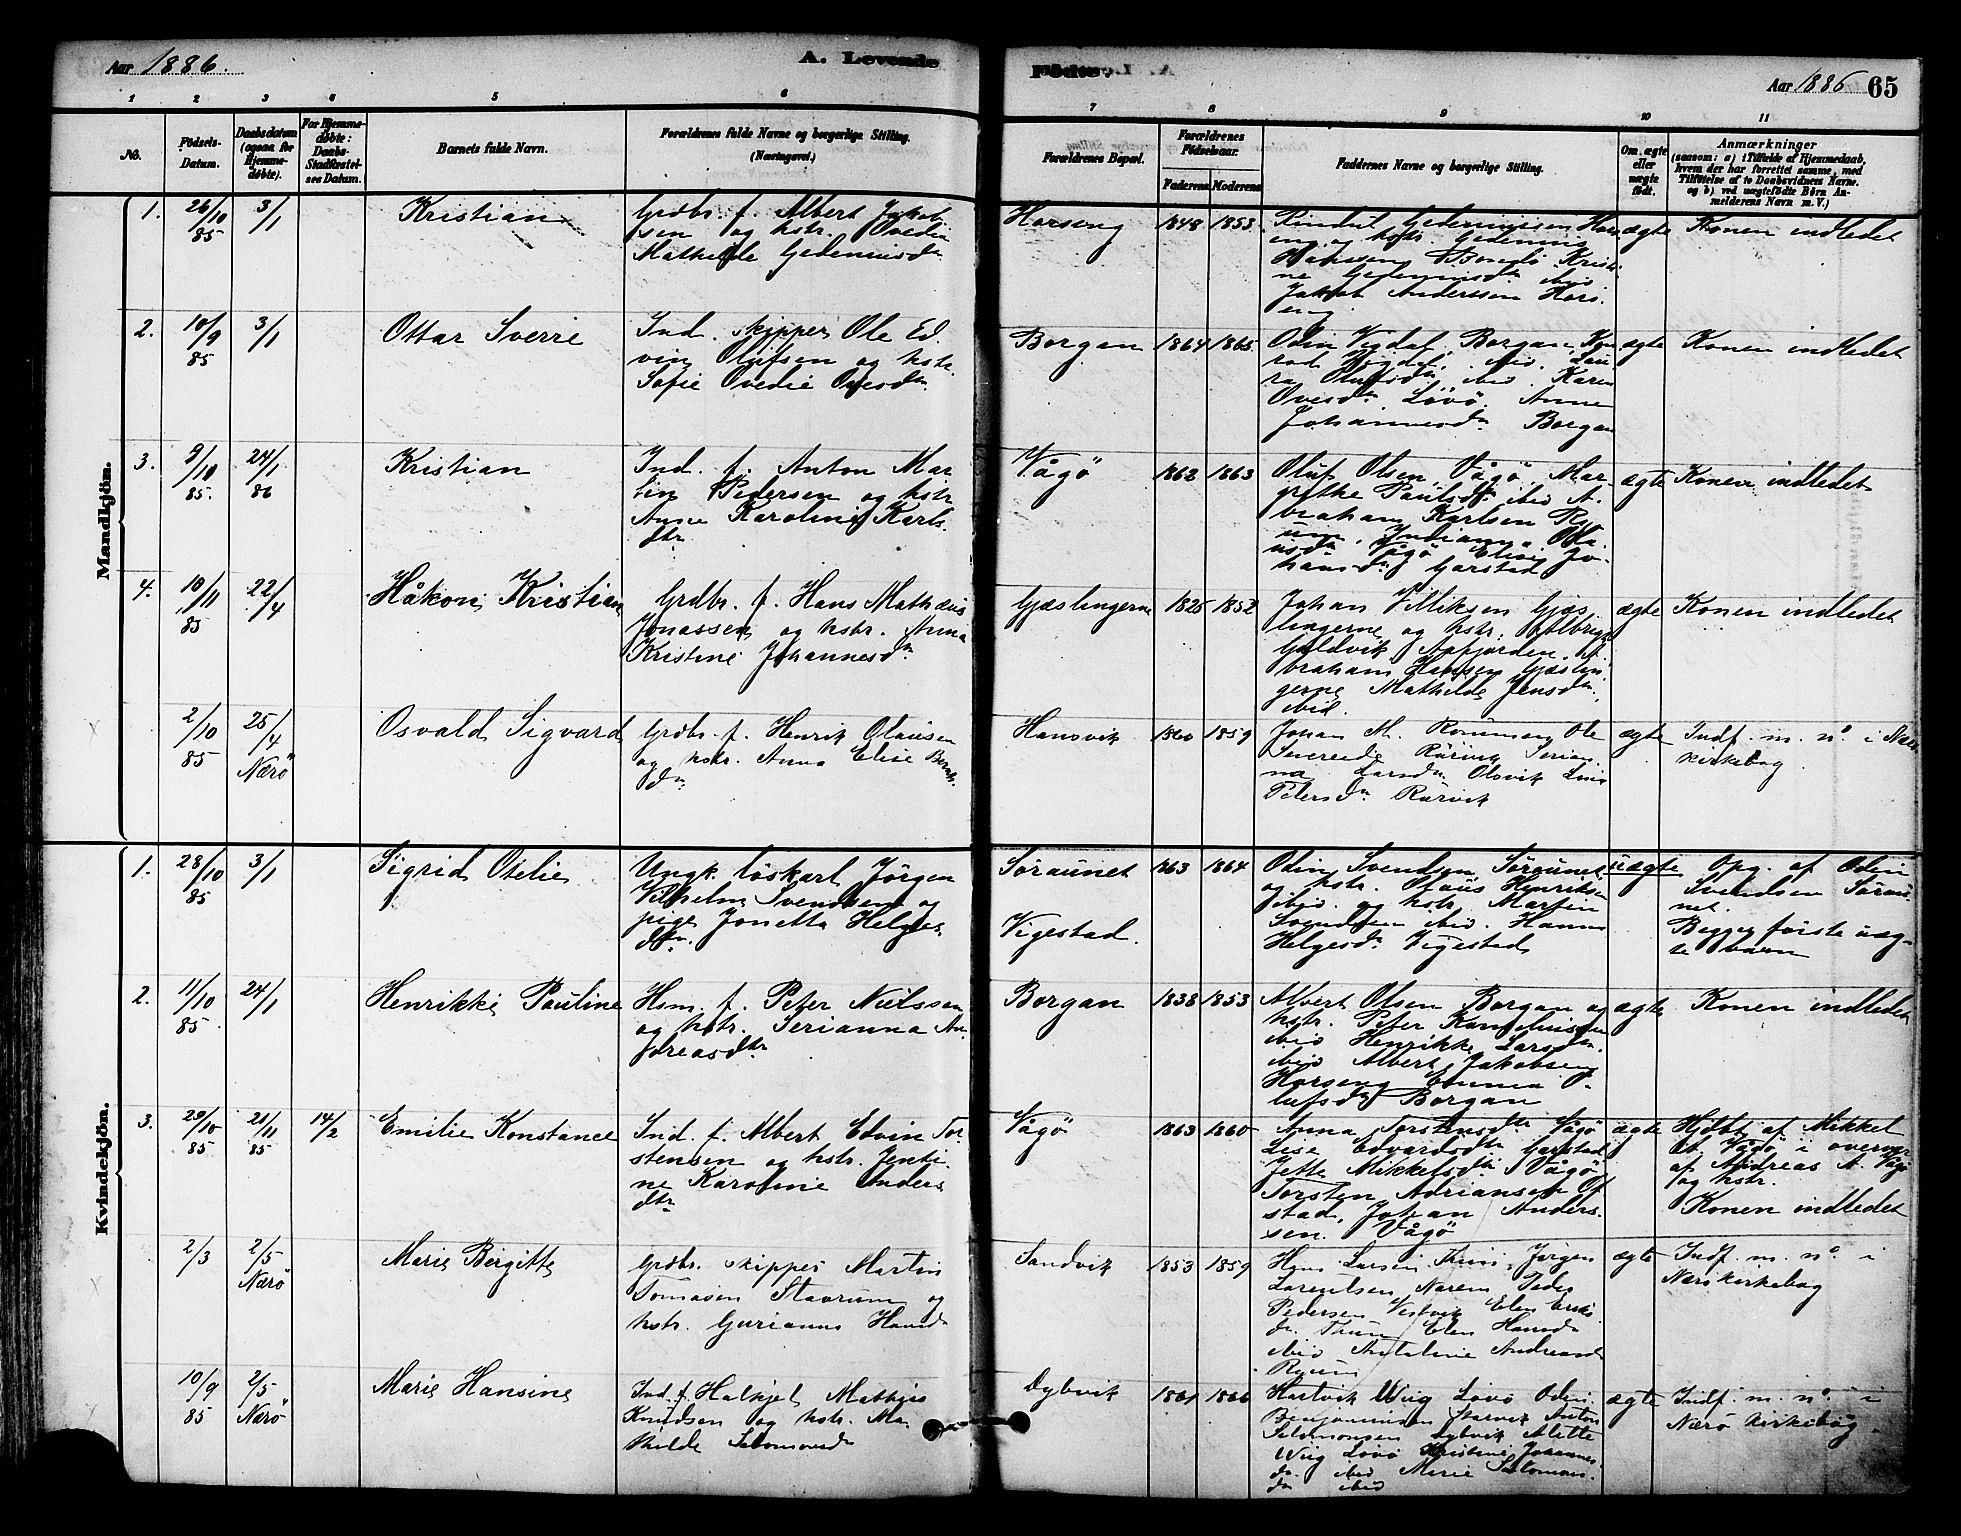 SAT, Ministerialprotokoller, klokkerbøker og fødselsregistre - Nord-Trøndelag, 786/L0686: Ministerialbok nr. 786A02, 1880-1887, s. 65